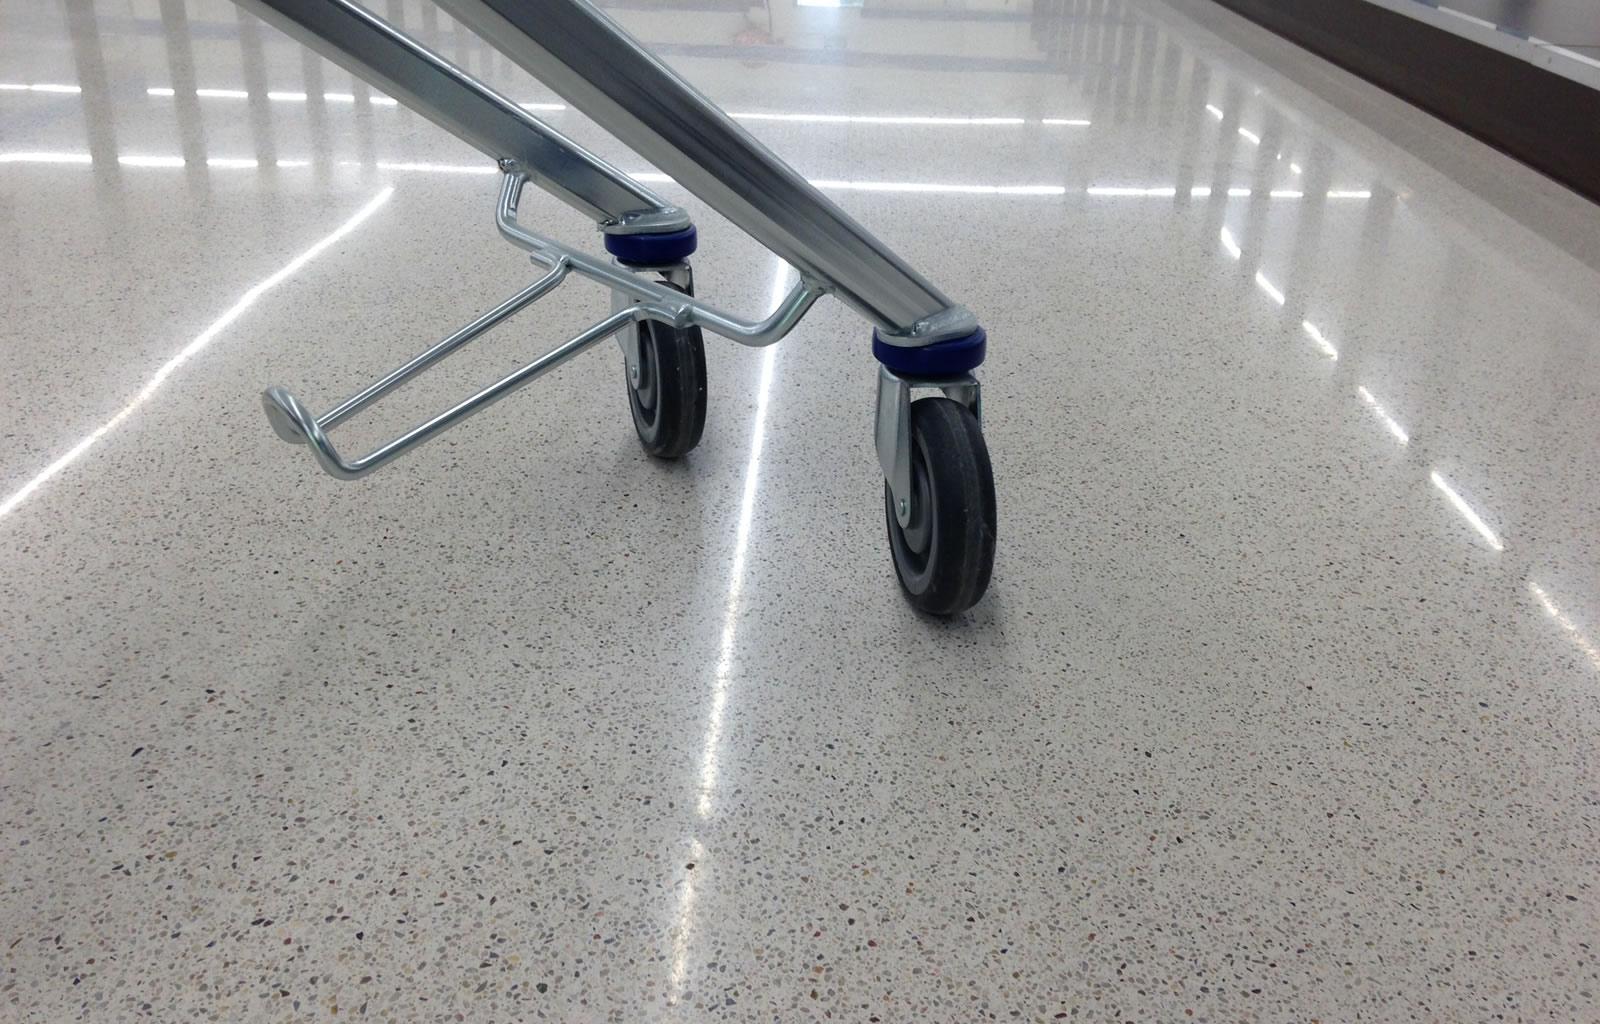 Lidl supermarket in Warszawa - Jointless Terrazzo floor